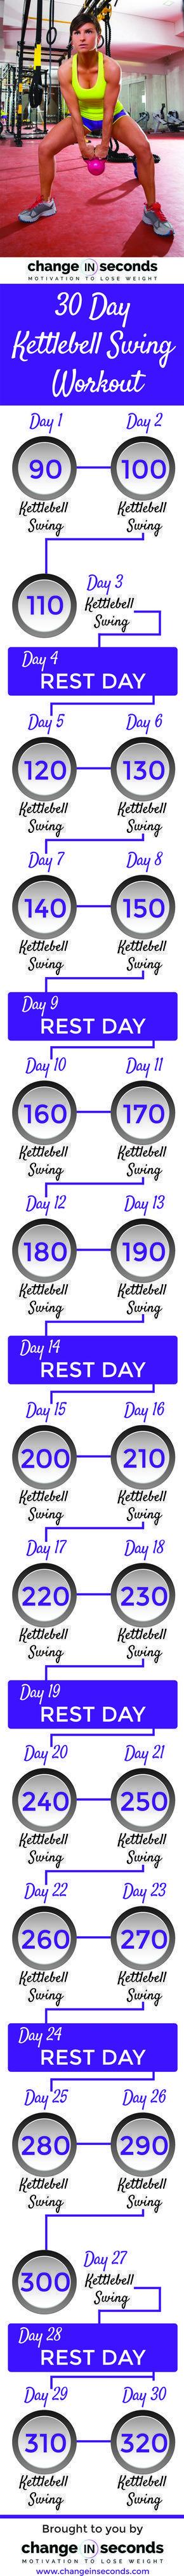 Kettlebell Workout http://www.changeinseconds.com/30-day-kettlebell-swing-workout/ https://www.kettlebellmaniac.com/kettlebell-exercises/ http://www.yogaweightloss.net https://www.kettlebellmaniac.com/kettlebell-exercises/ https://www.kettlebellmaniac.com